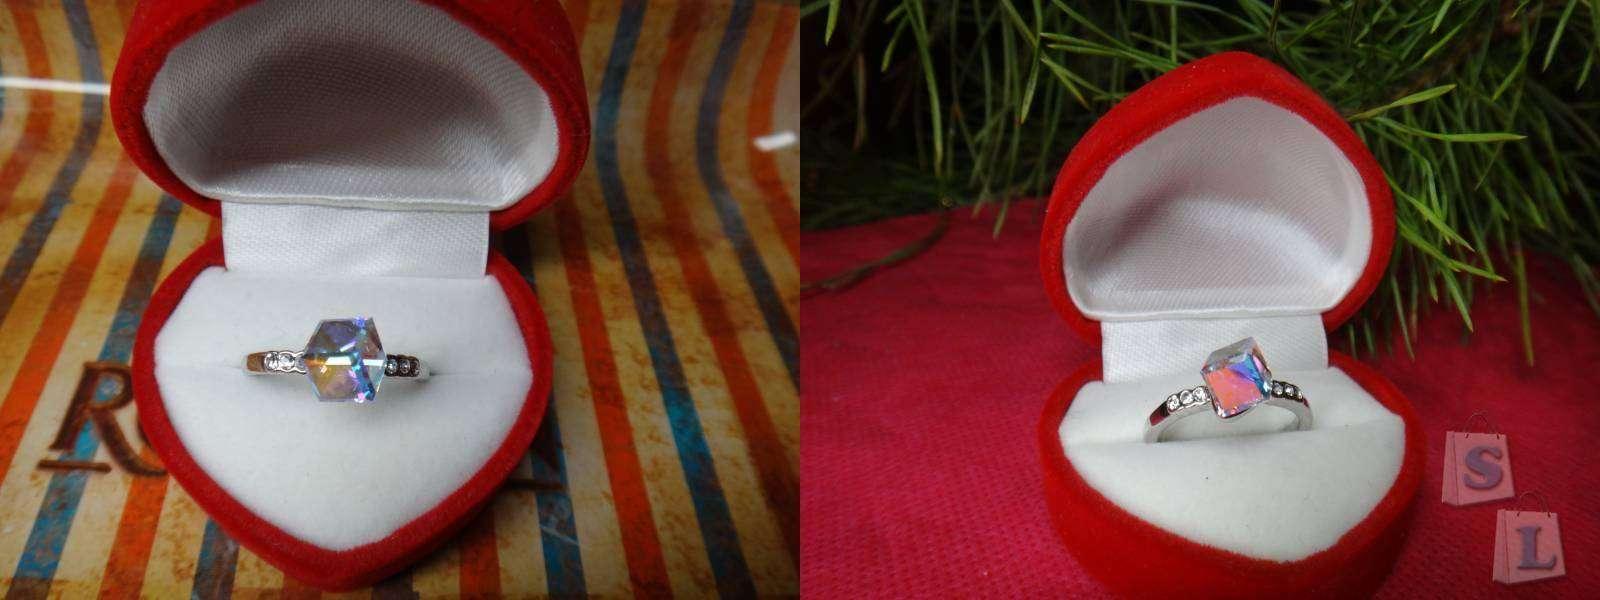 Aliexpress: Обзор кольца с 'кристаллами  Сваровски' купленного в Китае в сравнении с оригинальным набором (Swarovski Elements)